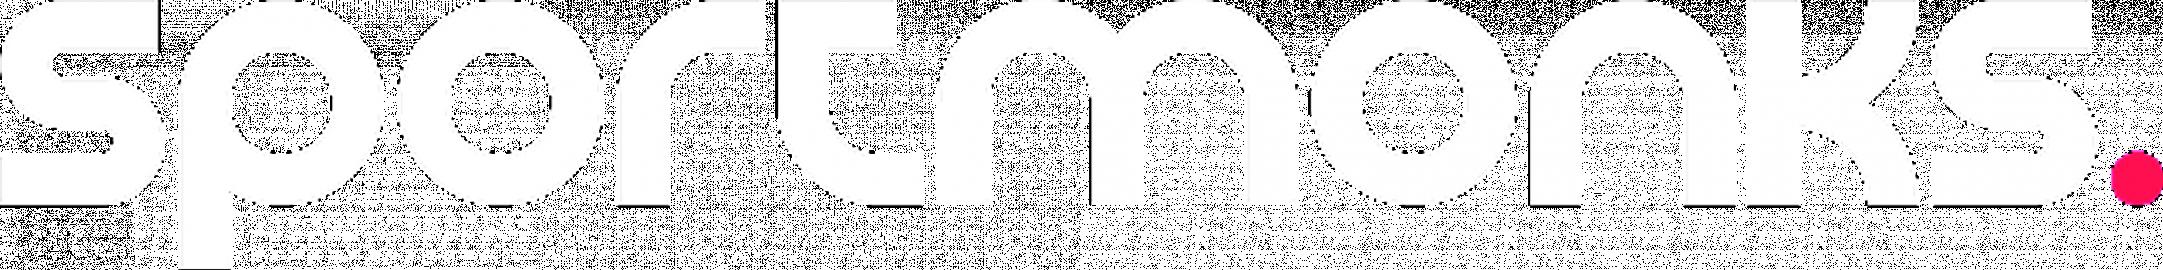 Logo for Sportmonks